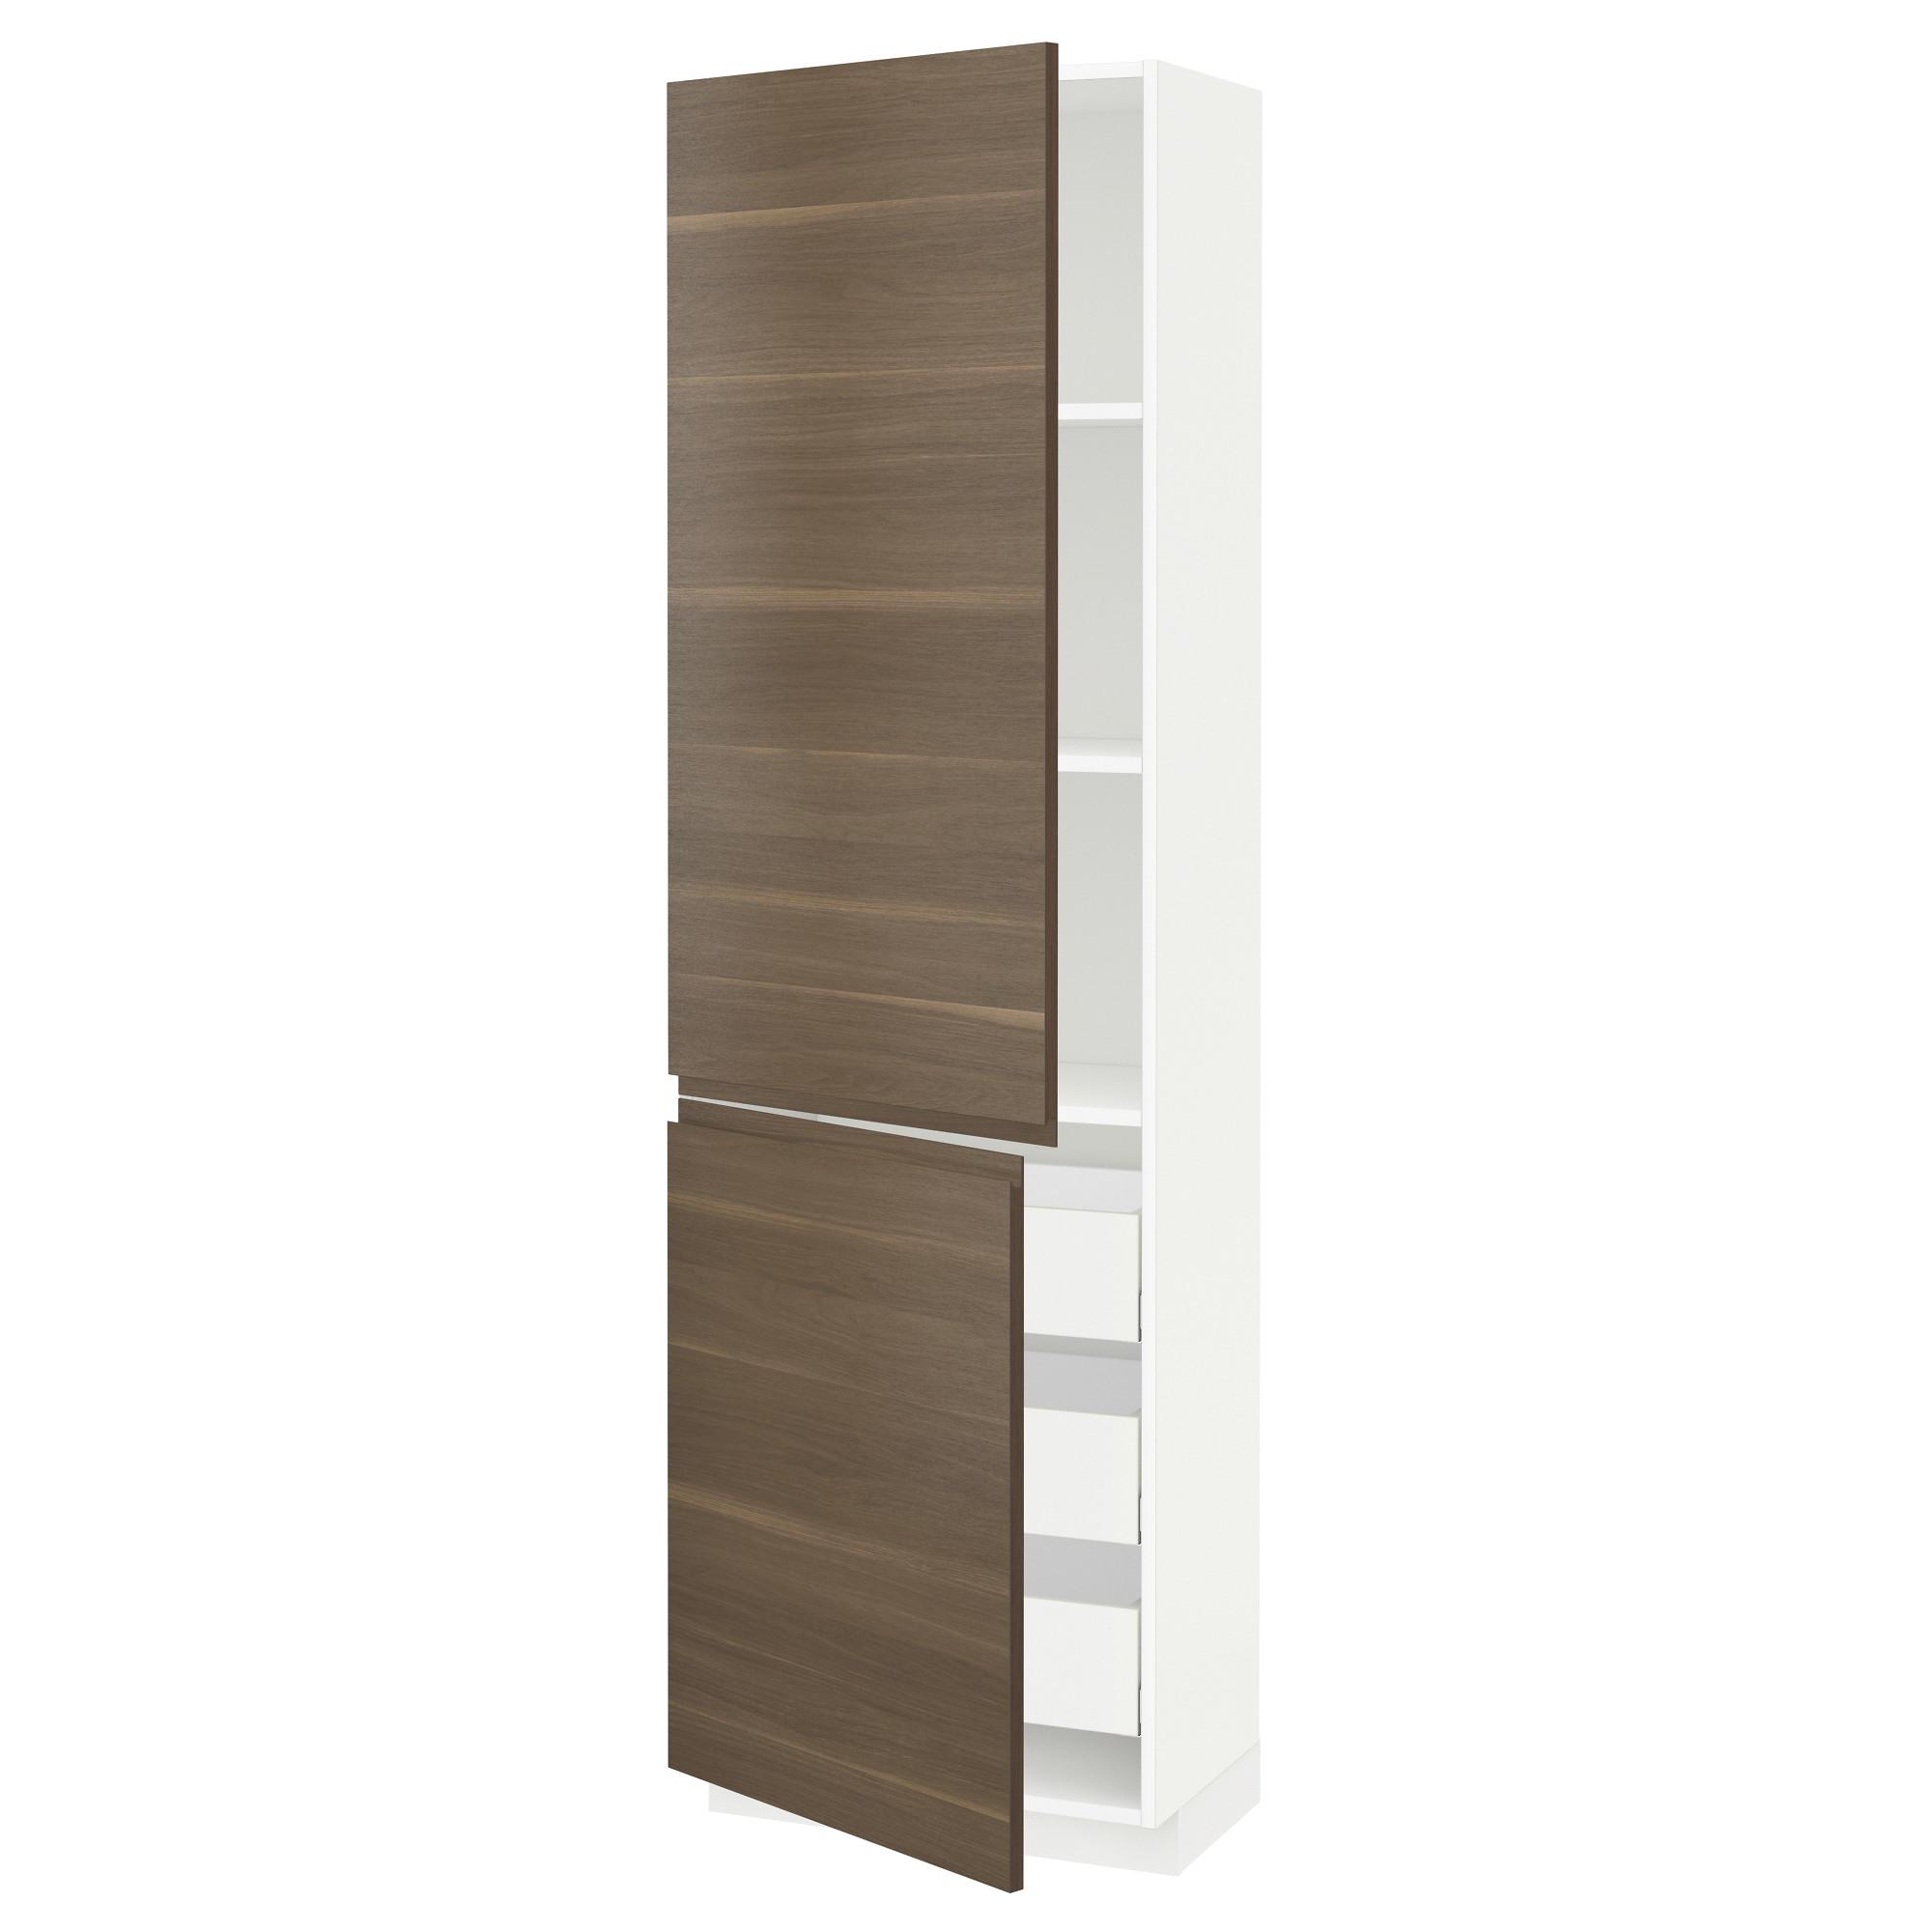 Высокий шкаф + полки, 3 ящика, 2 дверцы МЕТОД / МАКСИМЕРА белый артикуль № 592.389.53 в наличии. Онлайн сайт IKEA Минск. Быстрая доставка и соборка.